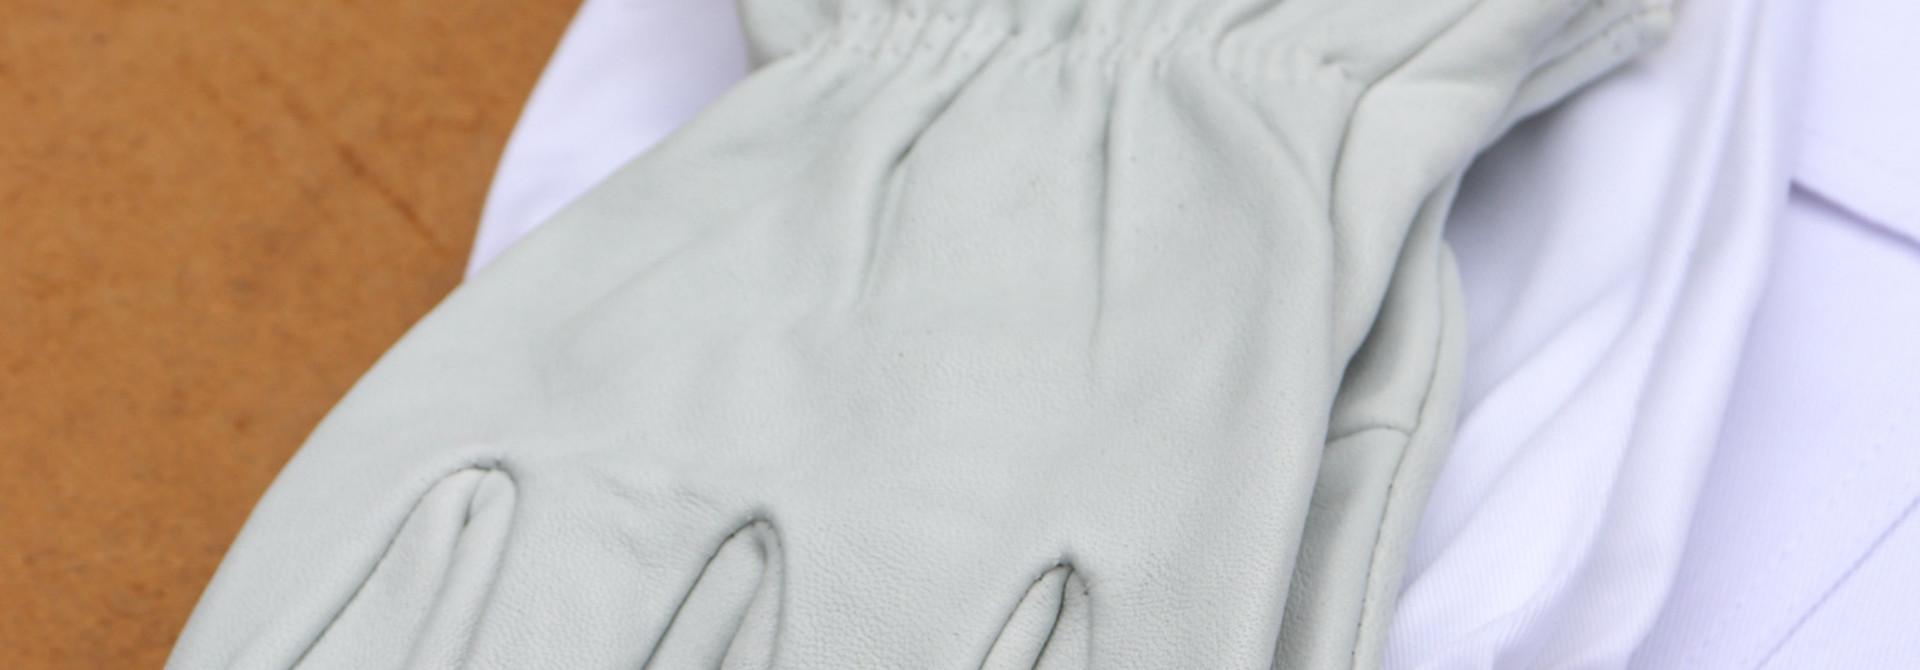 Lederen handschoenen